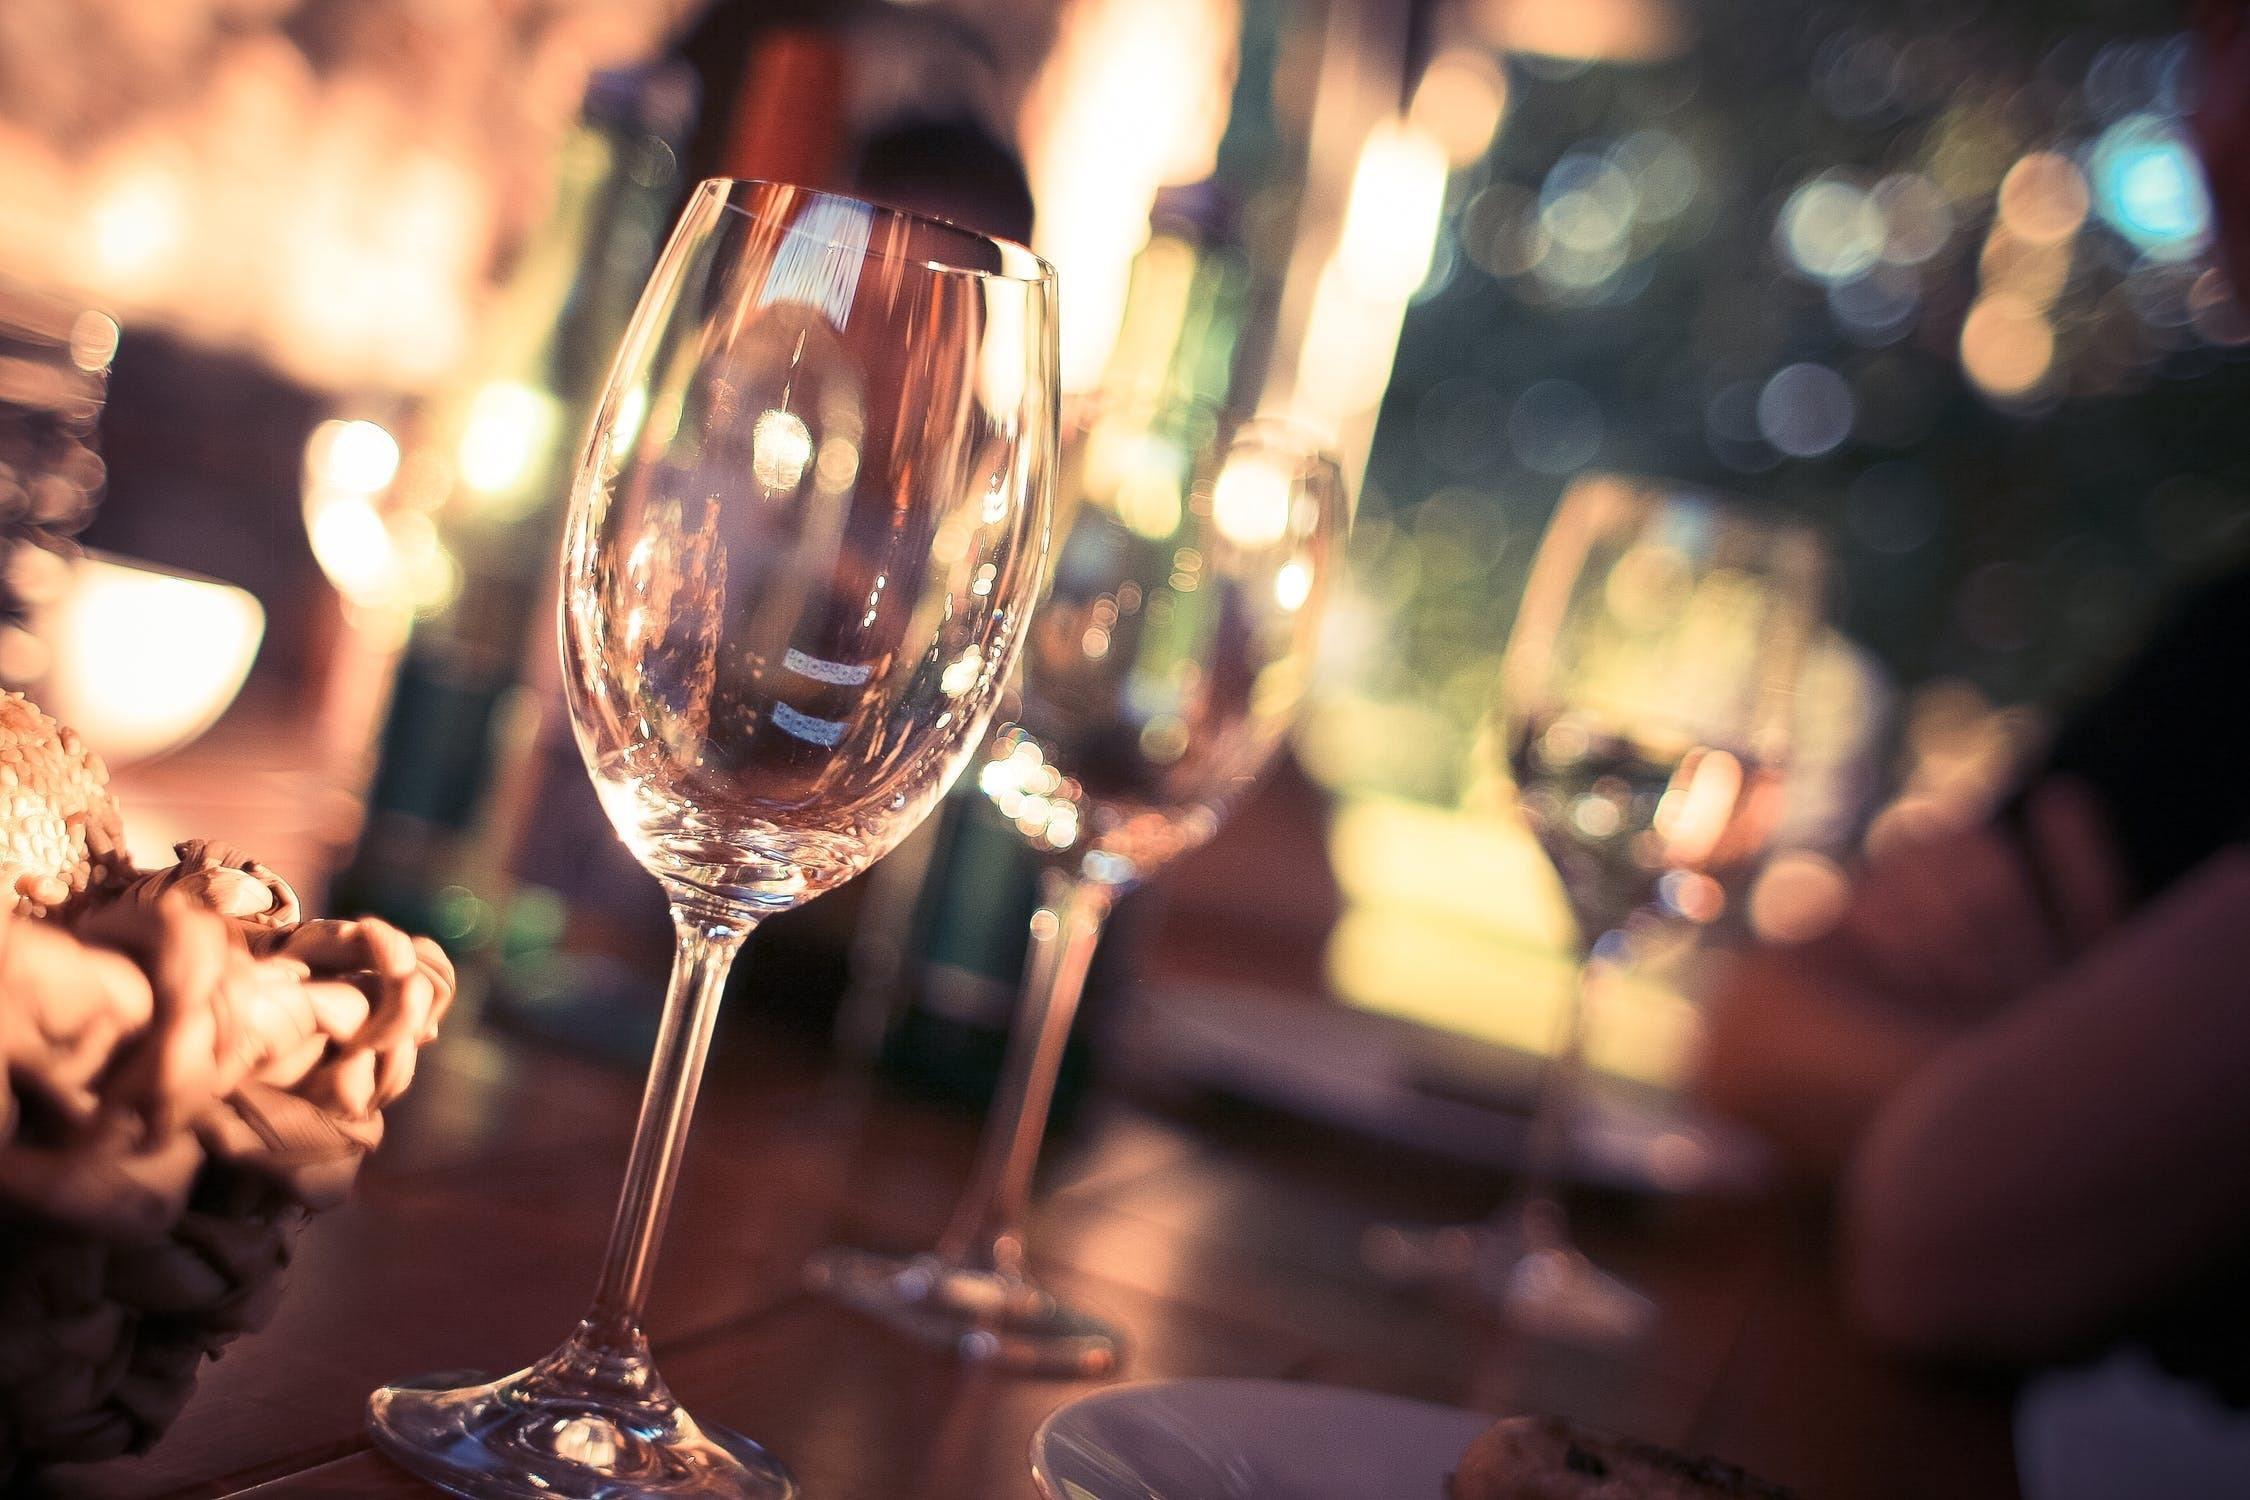 什么是急性酒精中毒?中毒后有哪些表现和解决办法?这几招或有用